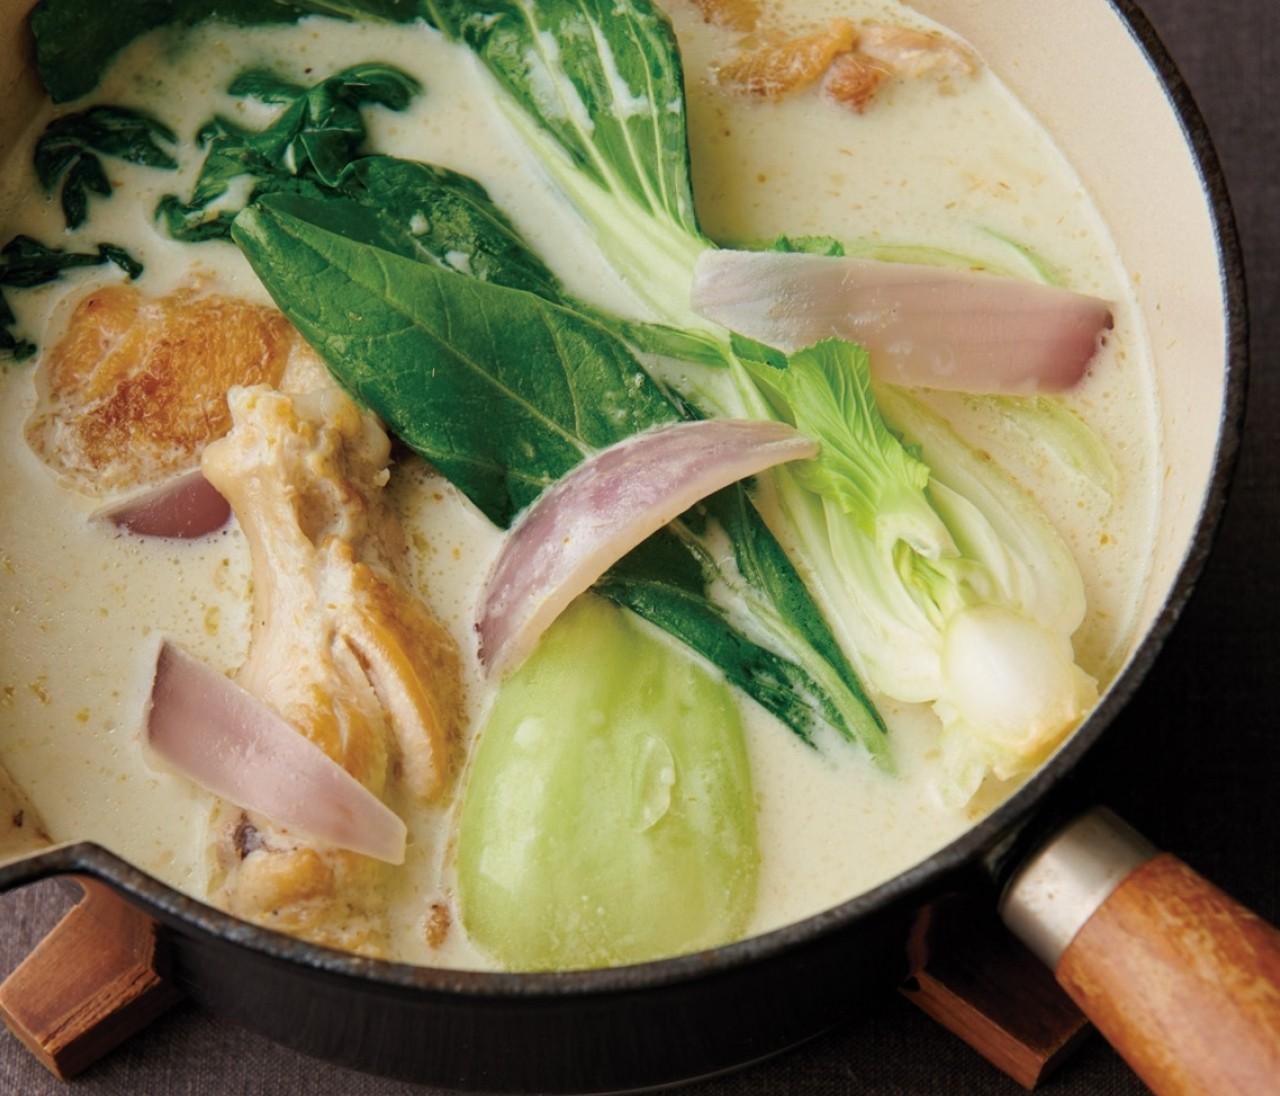 【温野菜レシピ】シャキシャキ野菜が美味しい「チンゲン菜のグリーンカレー鍋 」